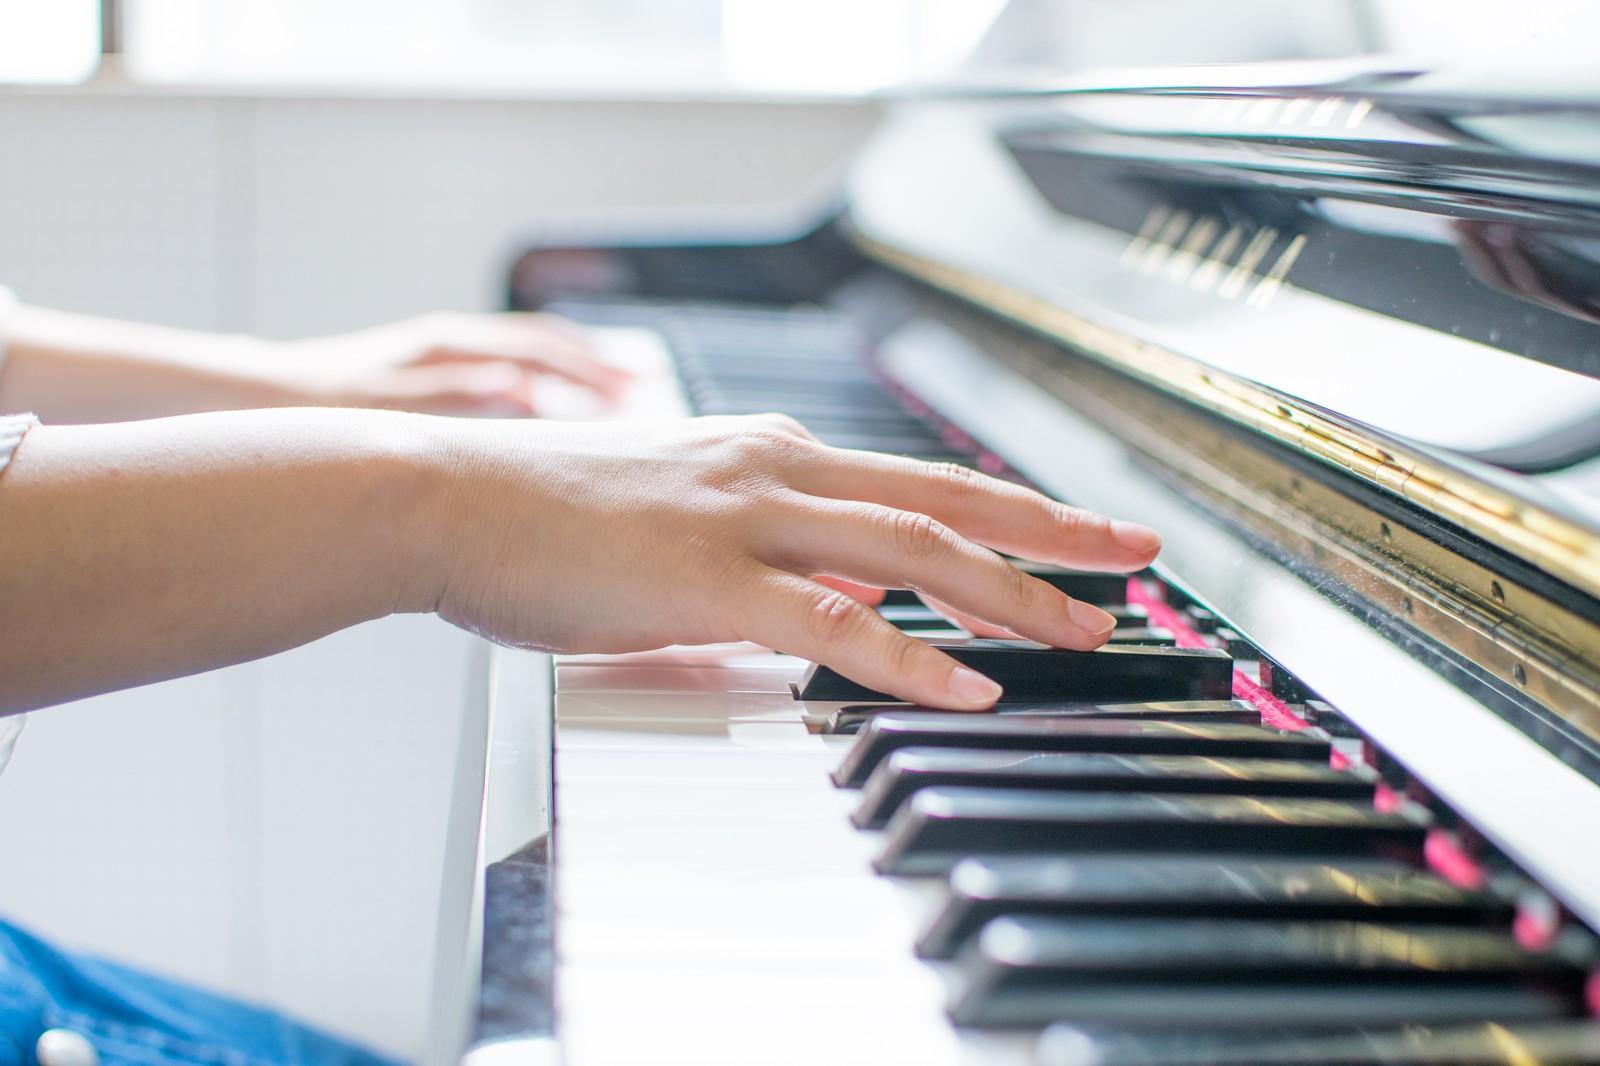 ピアノを弾く手